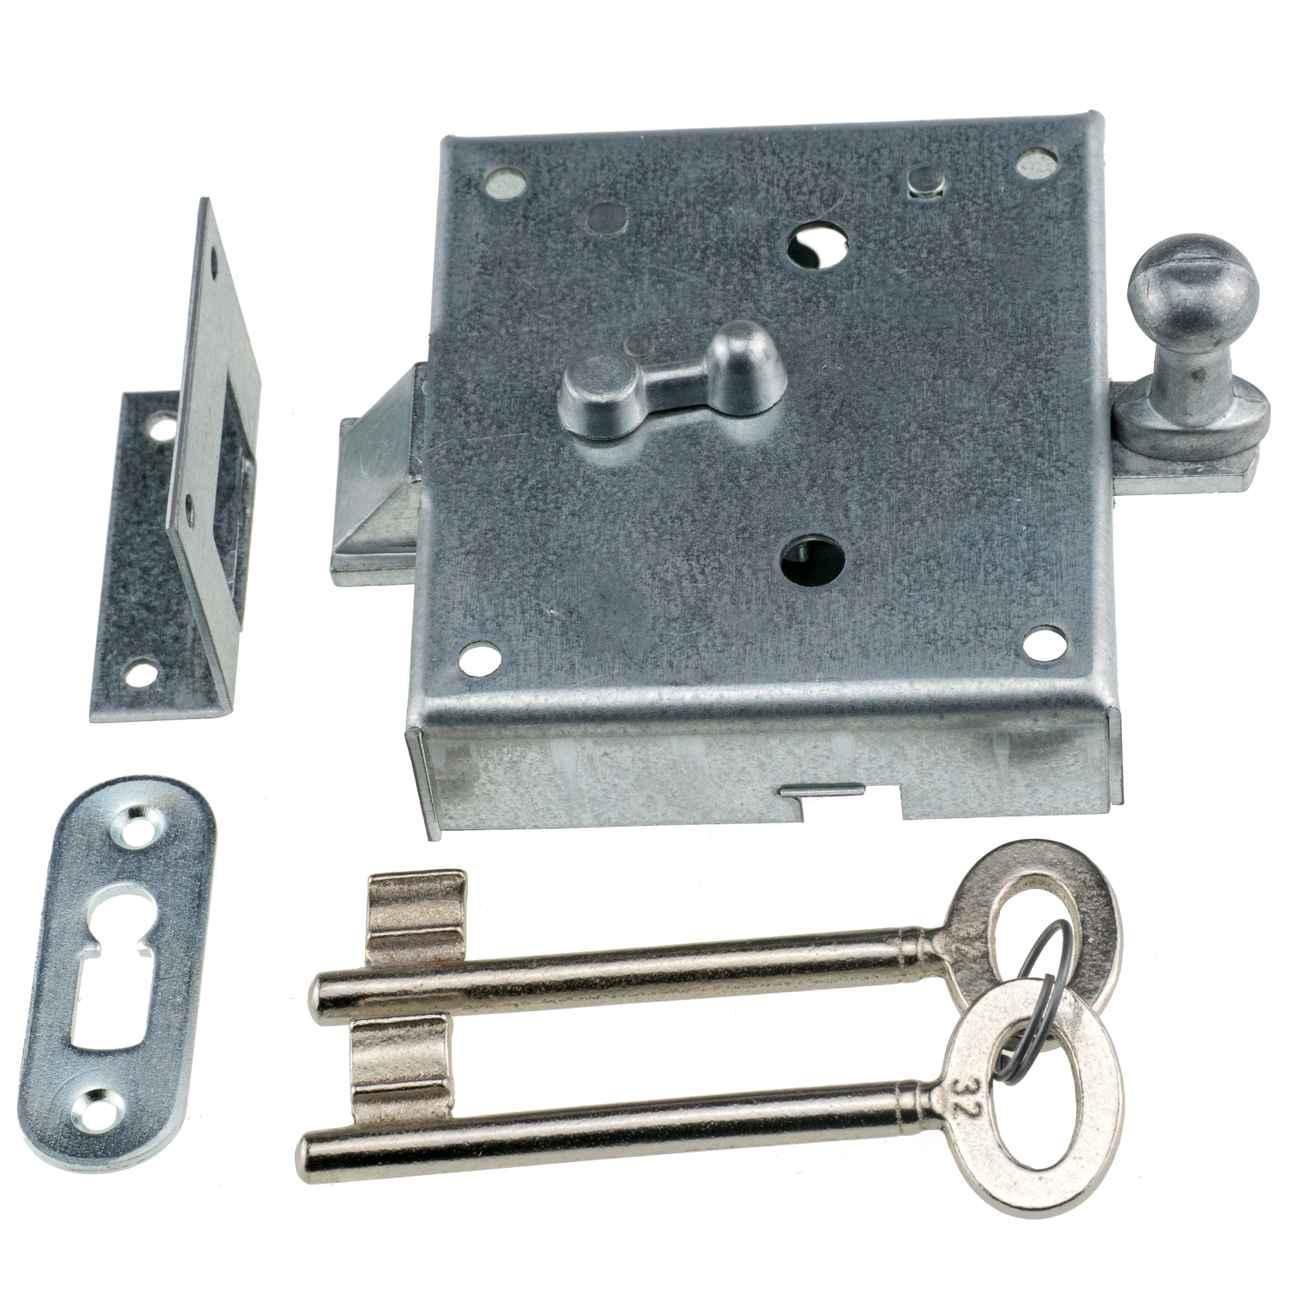 Knopffallenschloss 48 mm Dornmaß 932U - Schnappriegelschloss mit 2 Schlüsseln – Bild 1